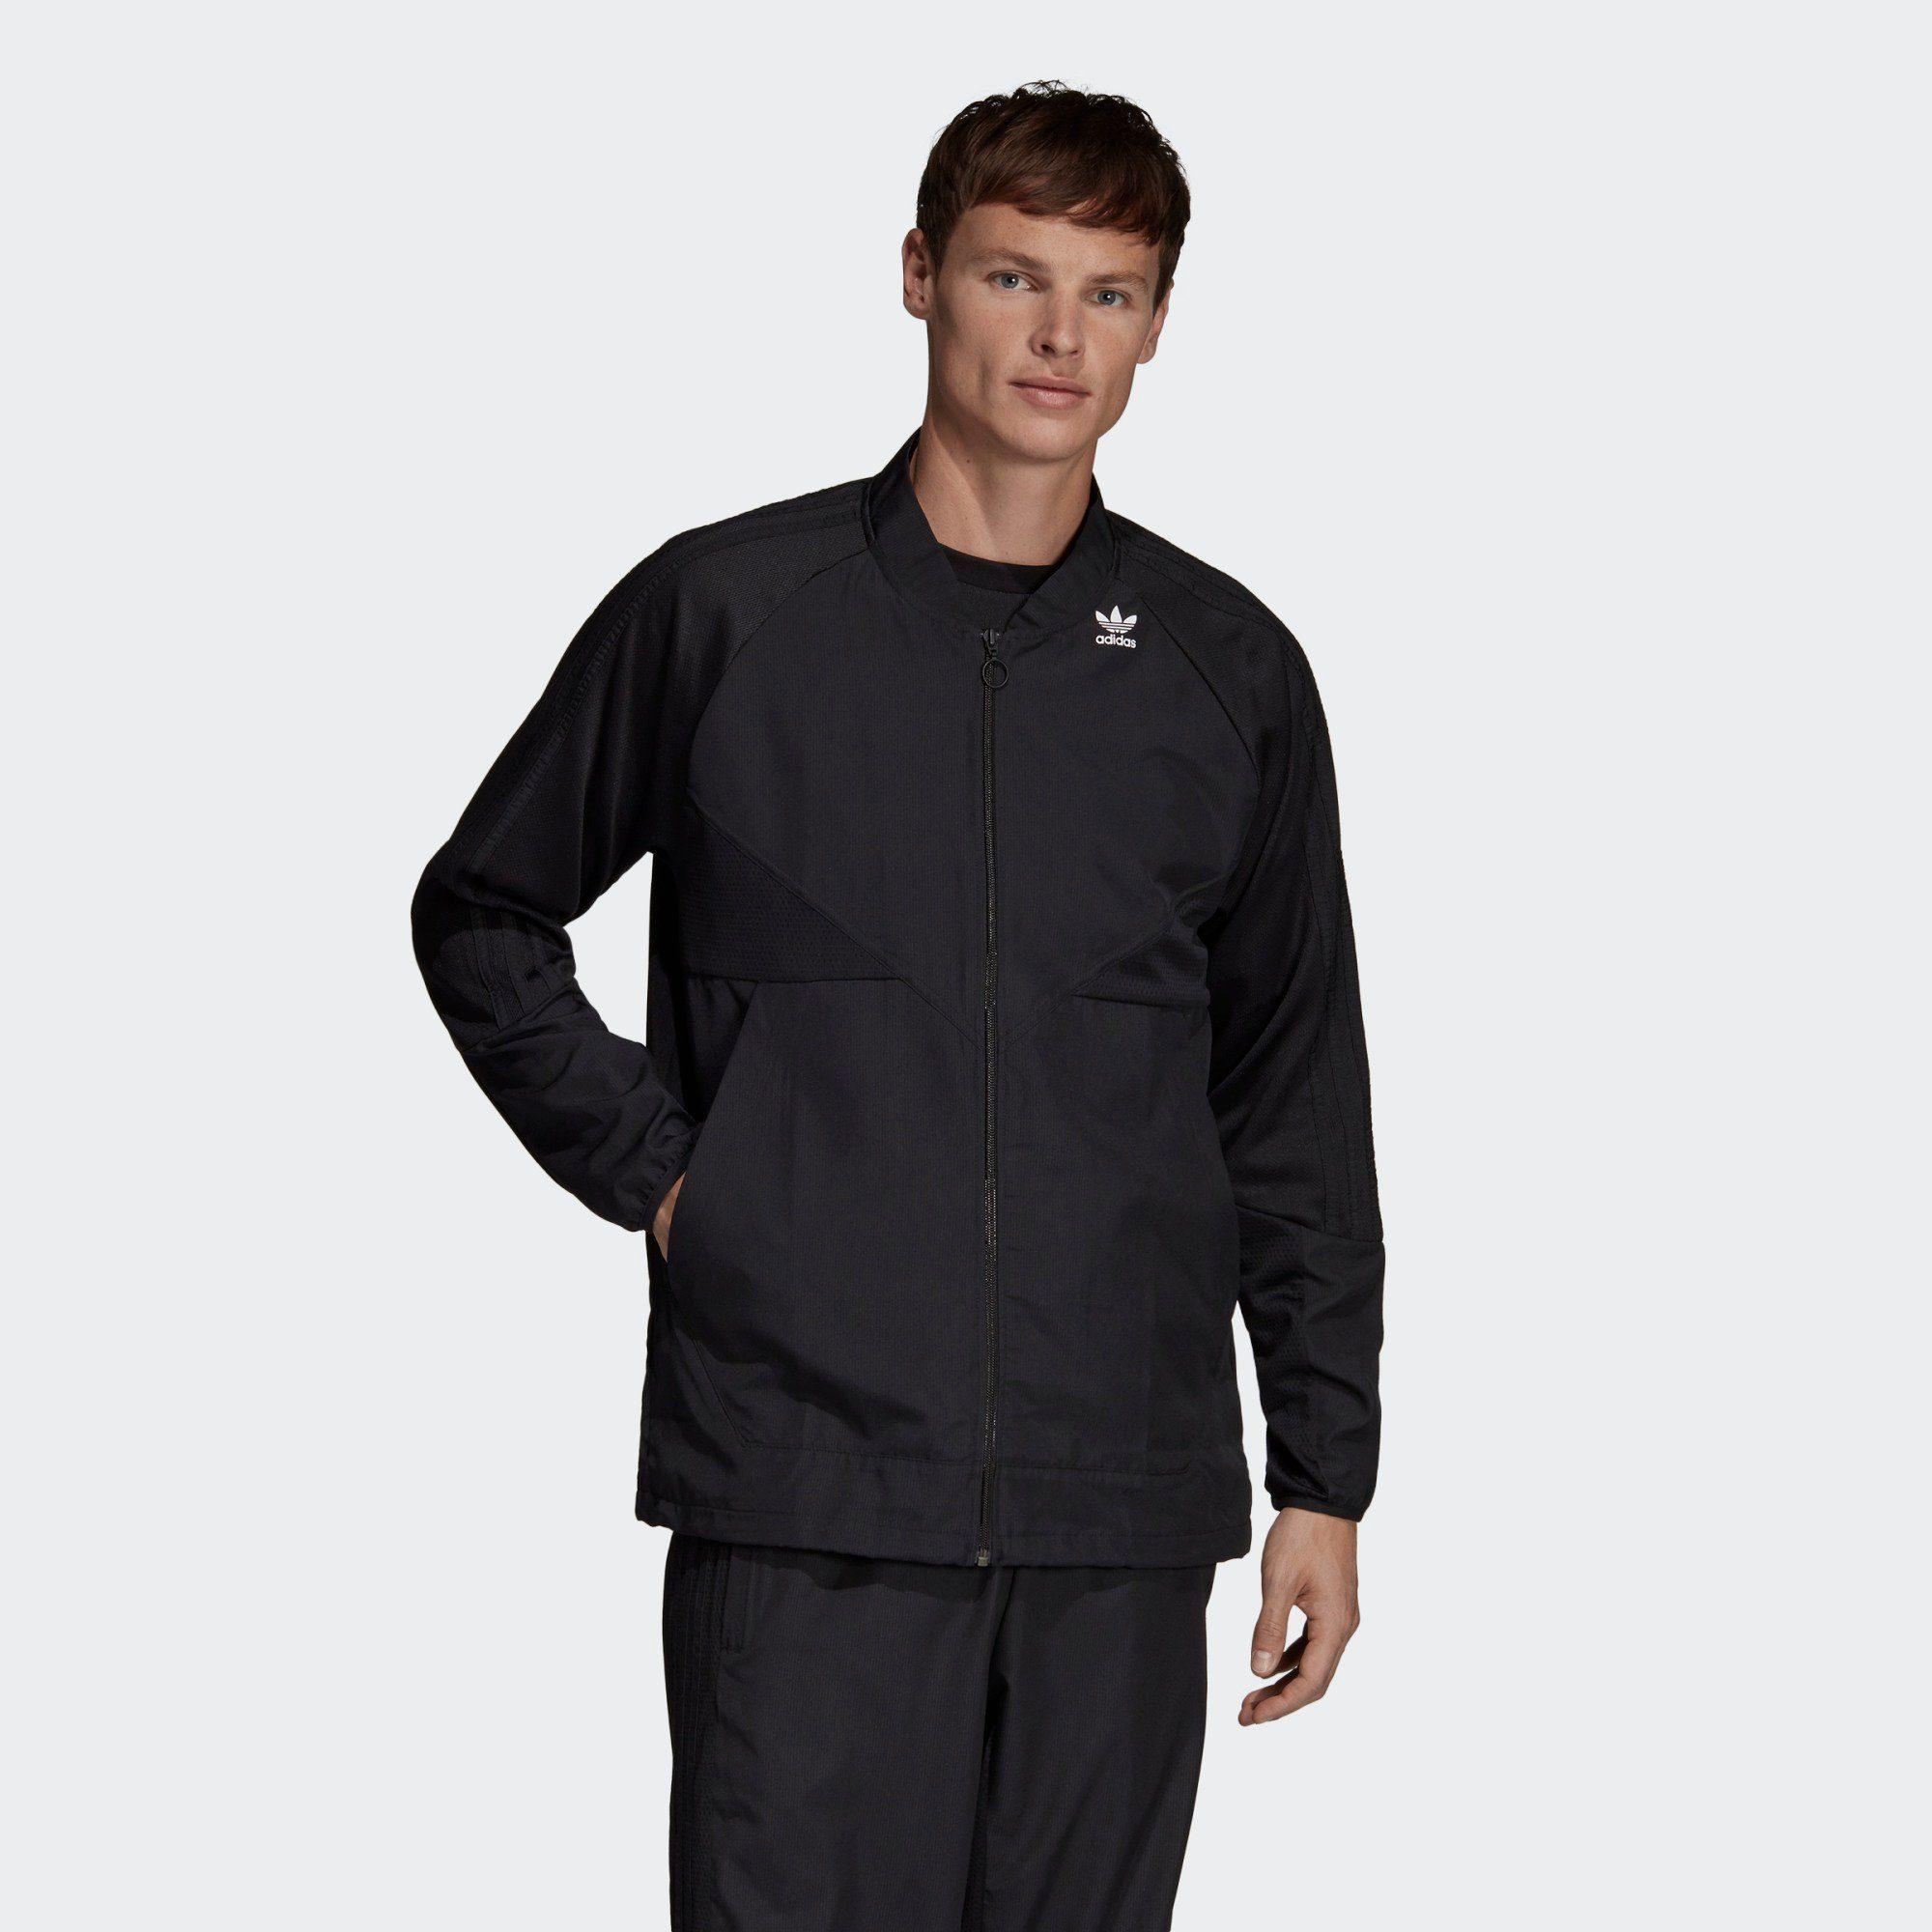 adidas Originals Sweatjacke »adidas PT3 Originals Jacke« Project 3 online kaufen | OTTO